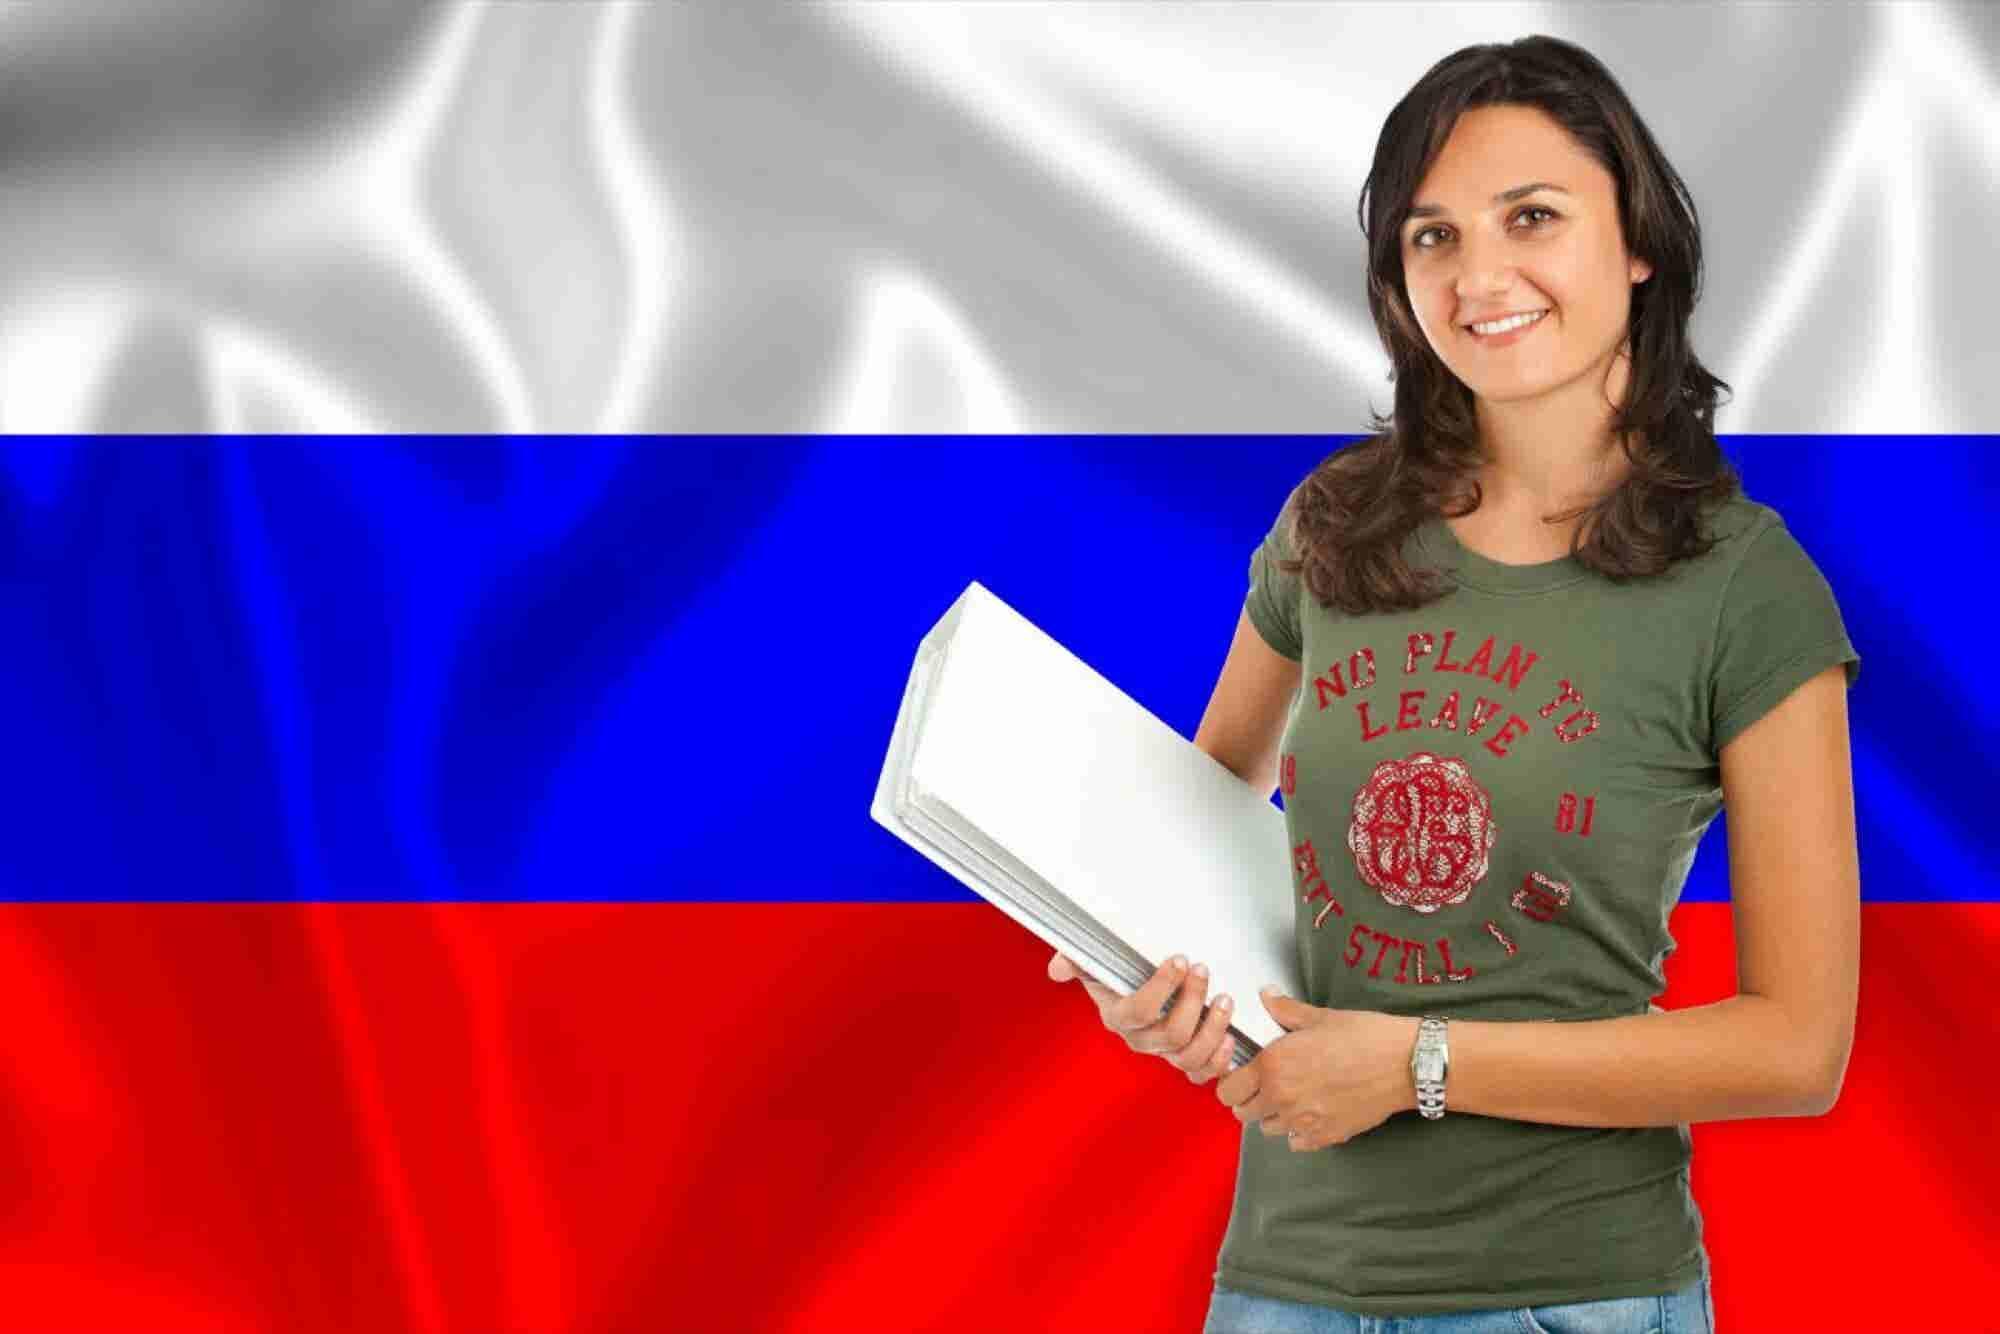 Aprende ruso antes del Mundial 2018 con este curso gratis